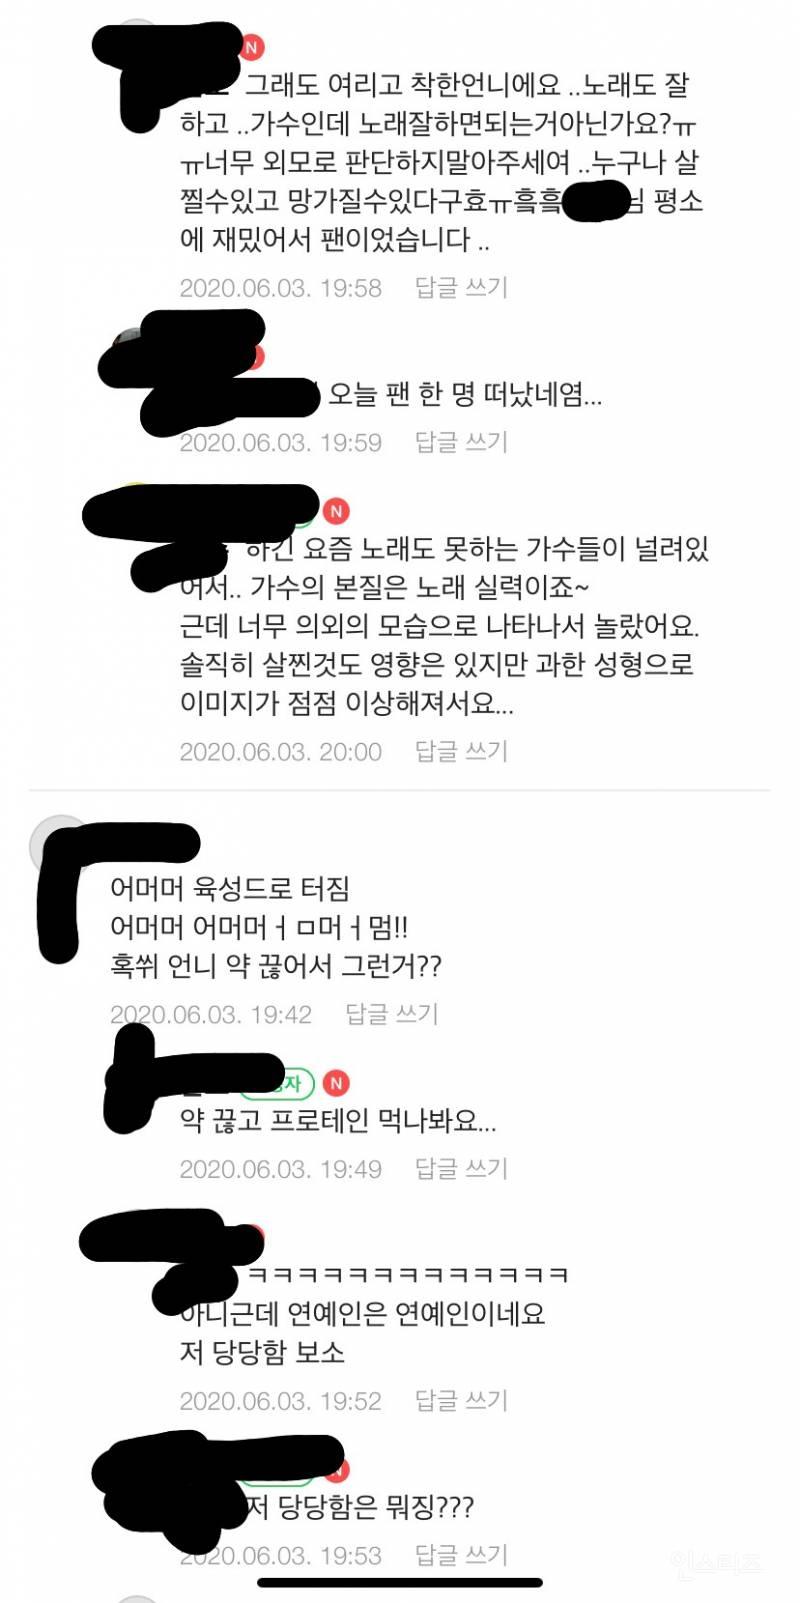 실시간 박봄 기사 사진에 달린 초록창카페 악플 수준...+더심한 타 카페 실시간 추가 jpg | 인스티즈